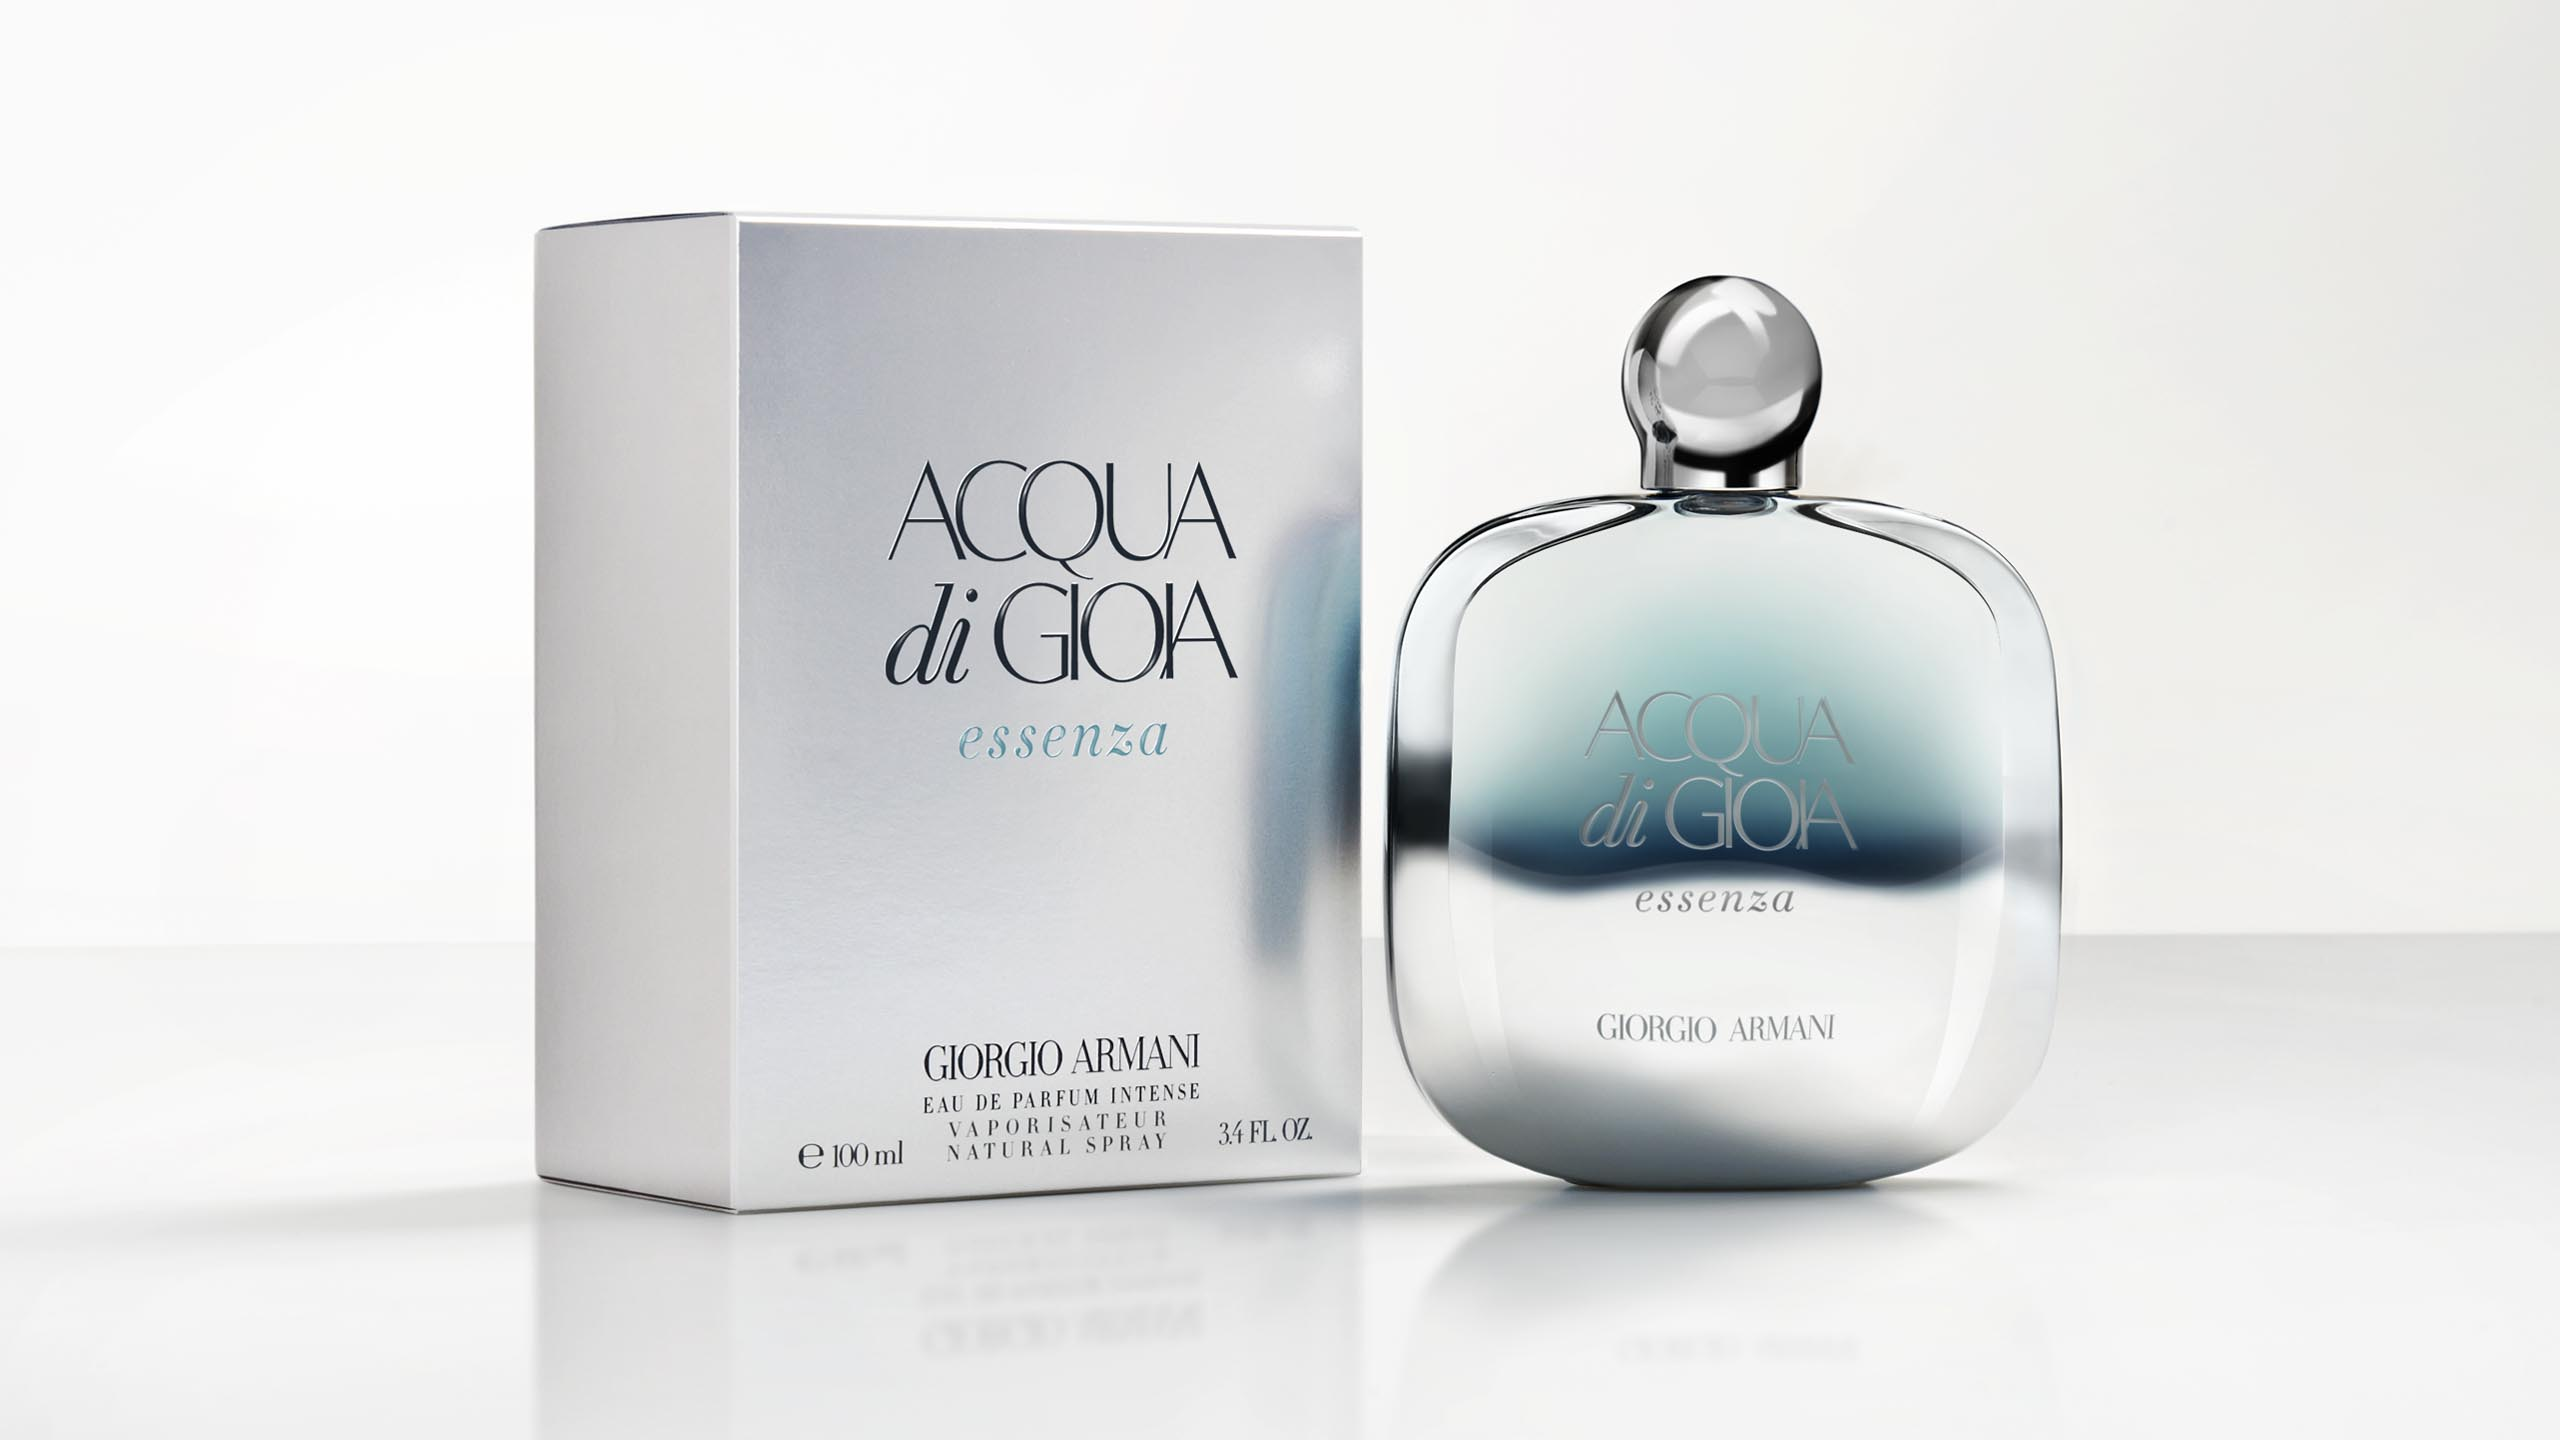 Giorgio Armani, Acqua di Gioia Essenza, fragrance